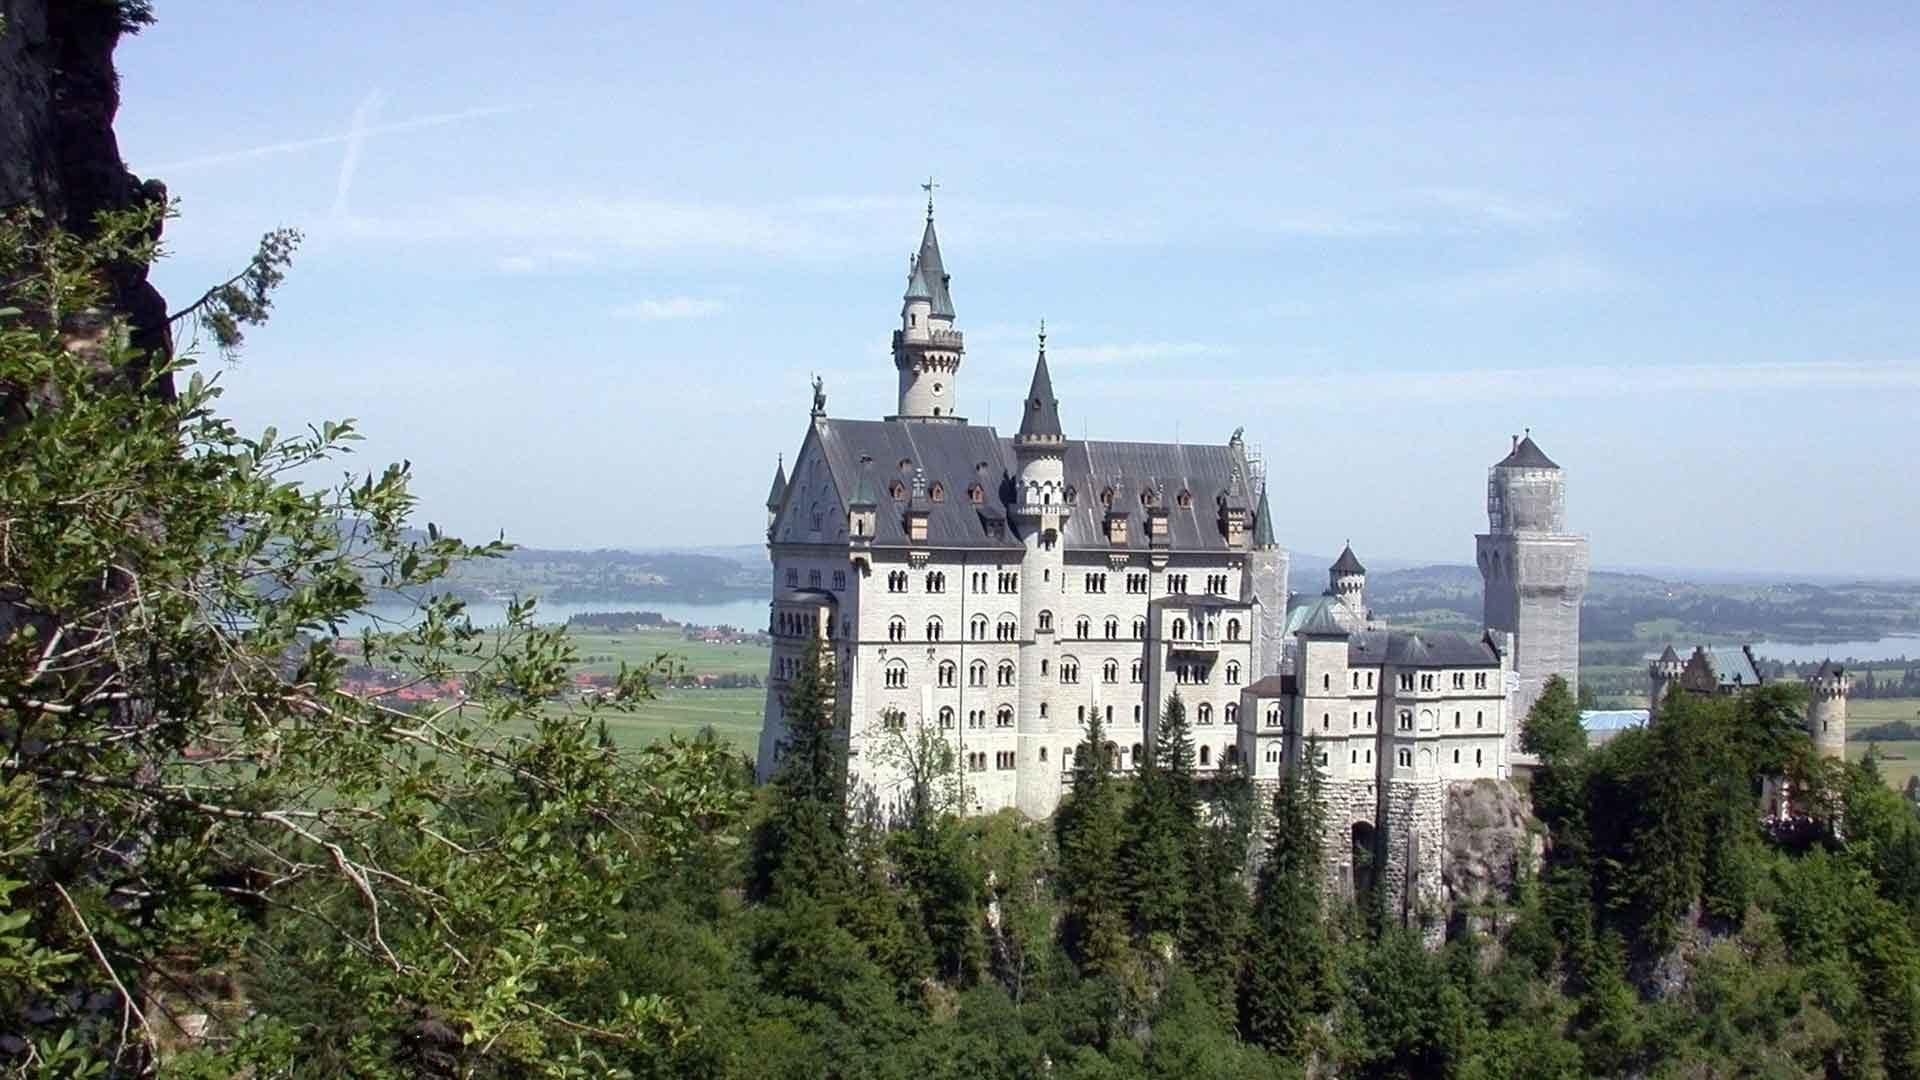 Het sprookjeslot Neuschwanstein is de bekendste bezienswaardigheid van Beieren